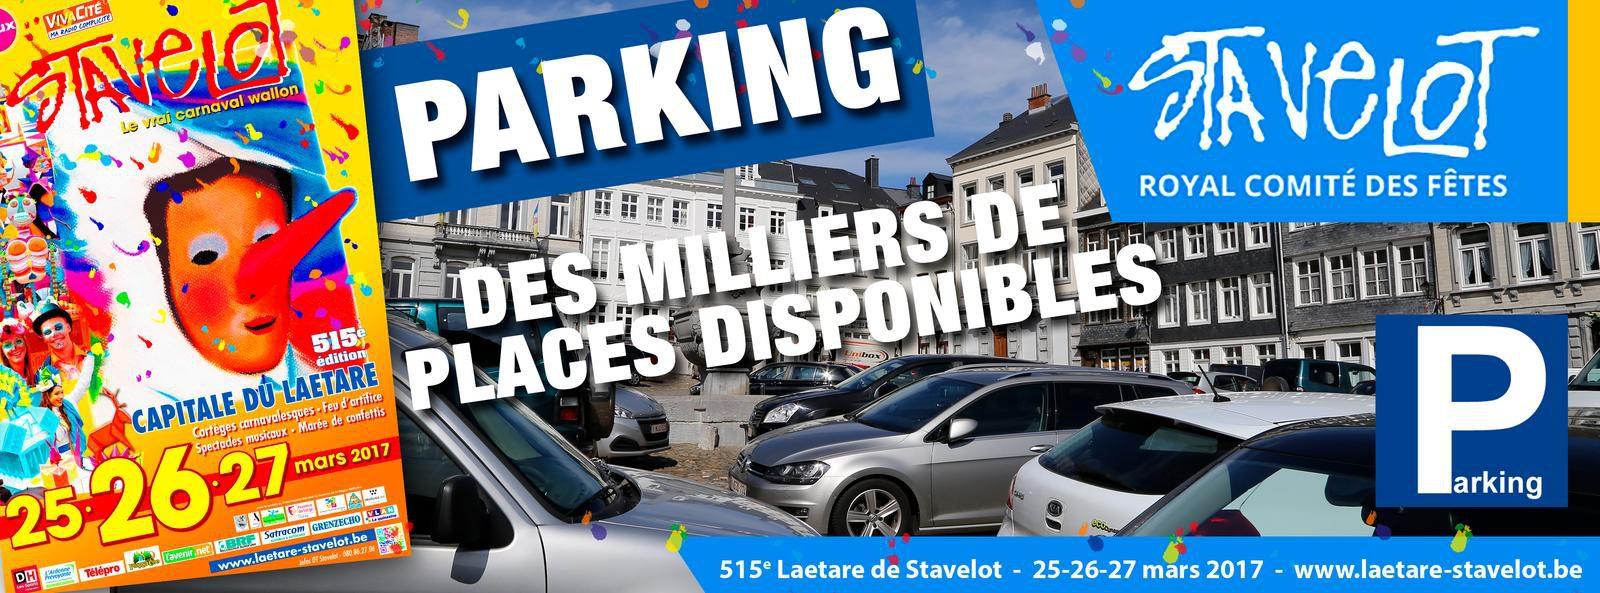 parking-banner-fb-300dpi